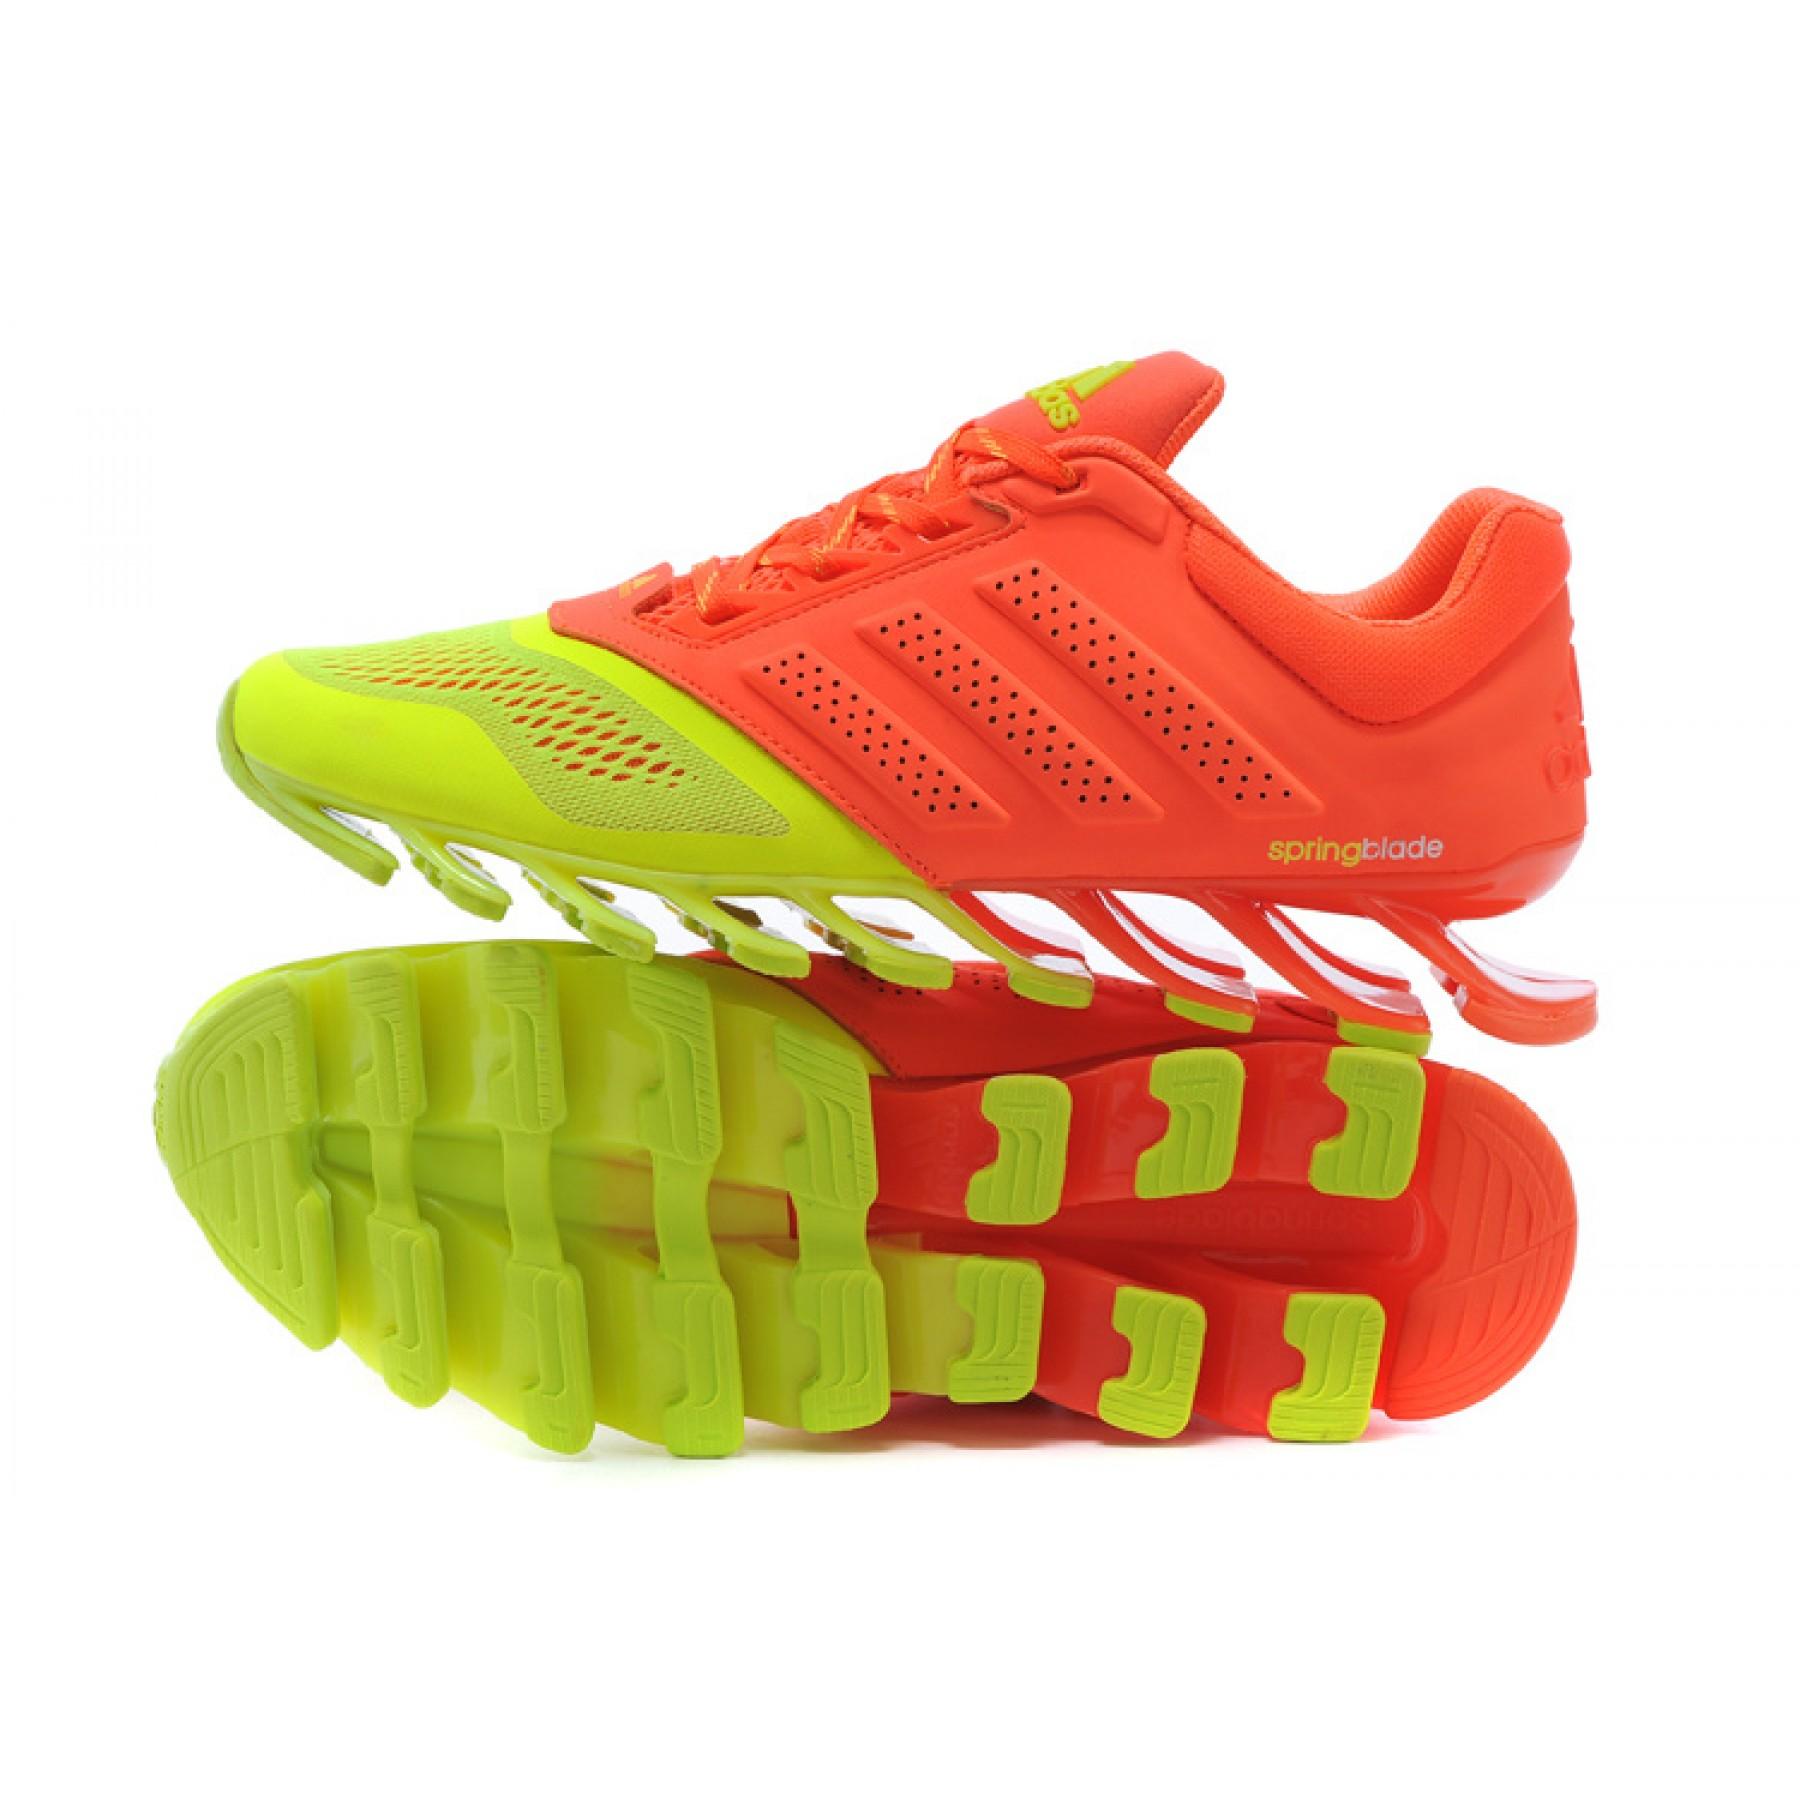 a7f01c00f24ae Tênis Adidas SpringBlade Drive 2.0 Masculino cor Verde Limao com Vermelho  Cod 0689